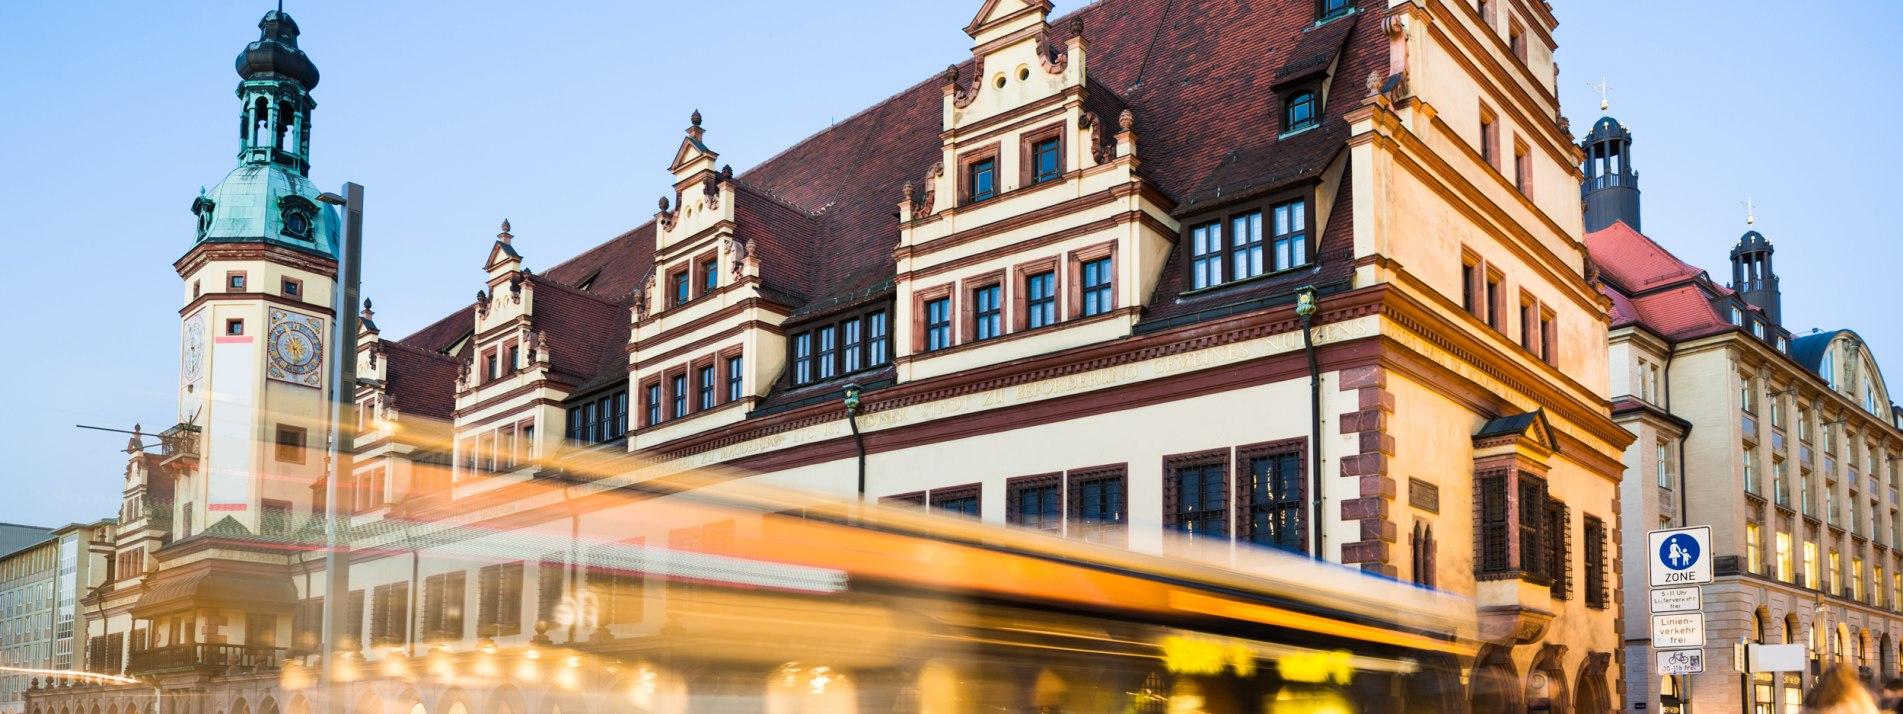 Rathaus und Naschmarkt in Leipzig - BAHNHIT.DE, © getty, Foto: TommL